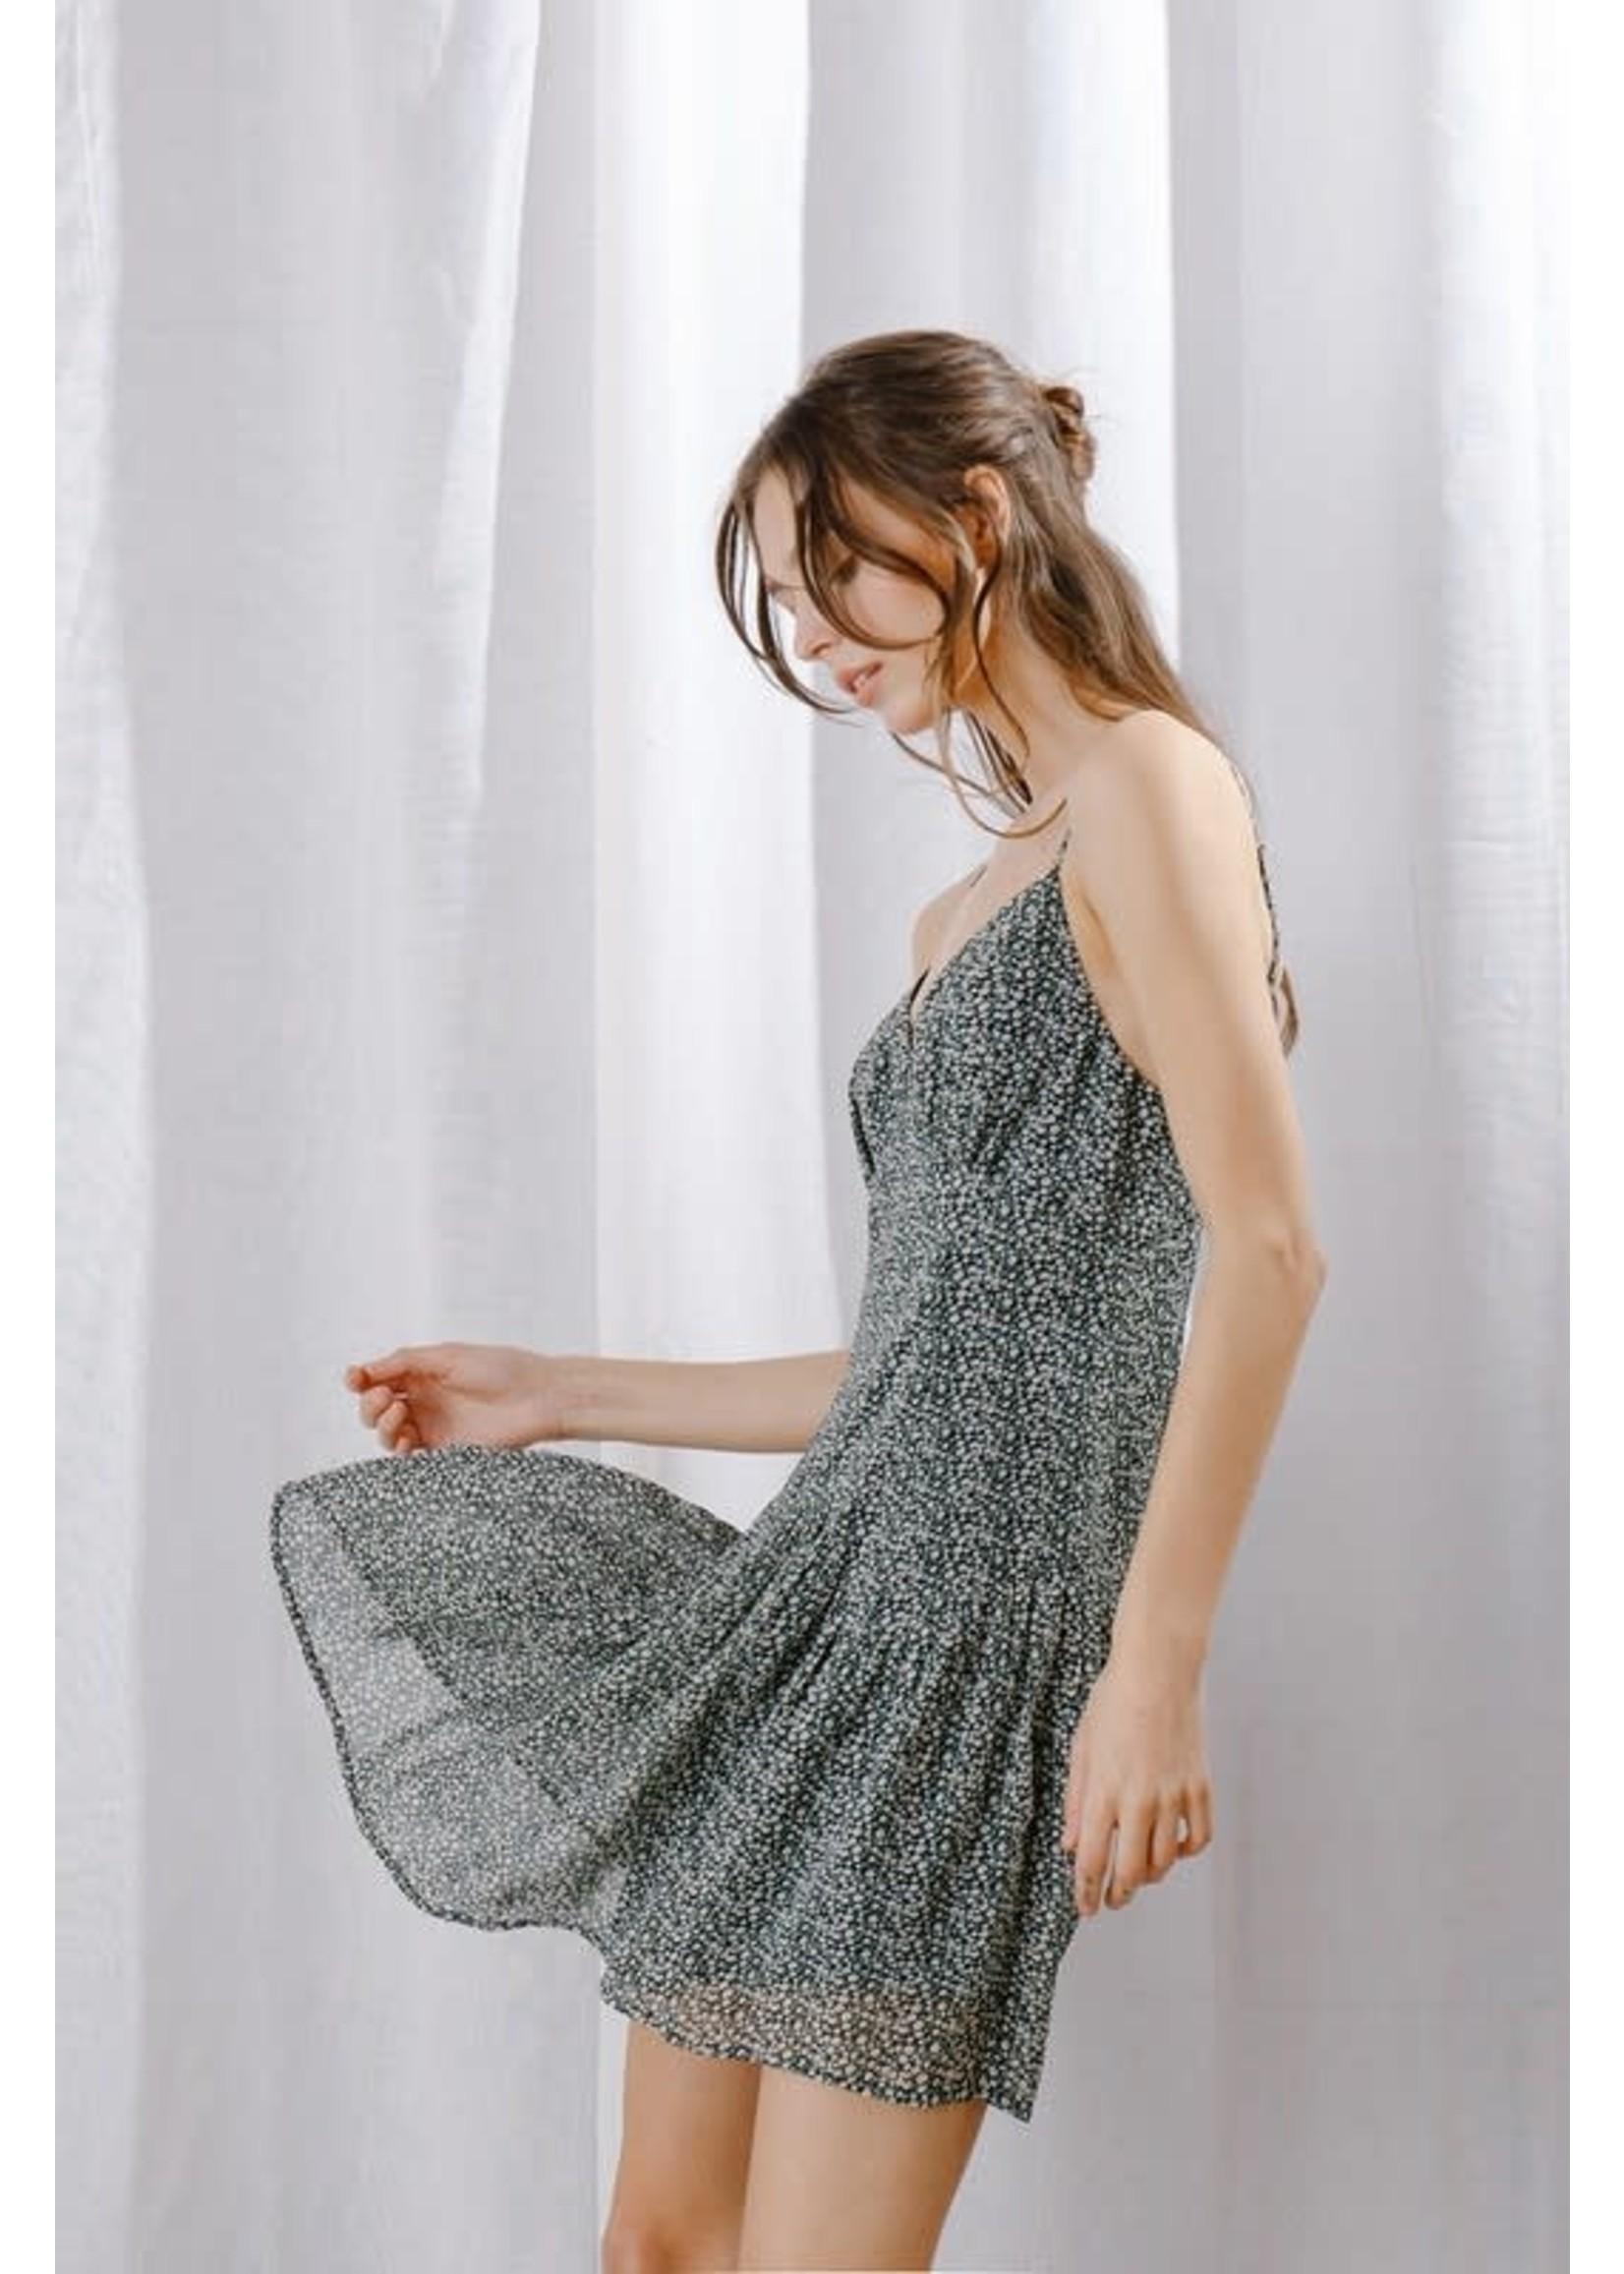 Storia Tiny Hearts Sweetheart Mini Dress - SD2502A